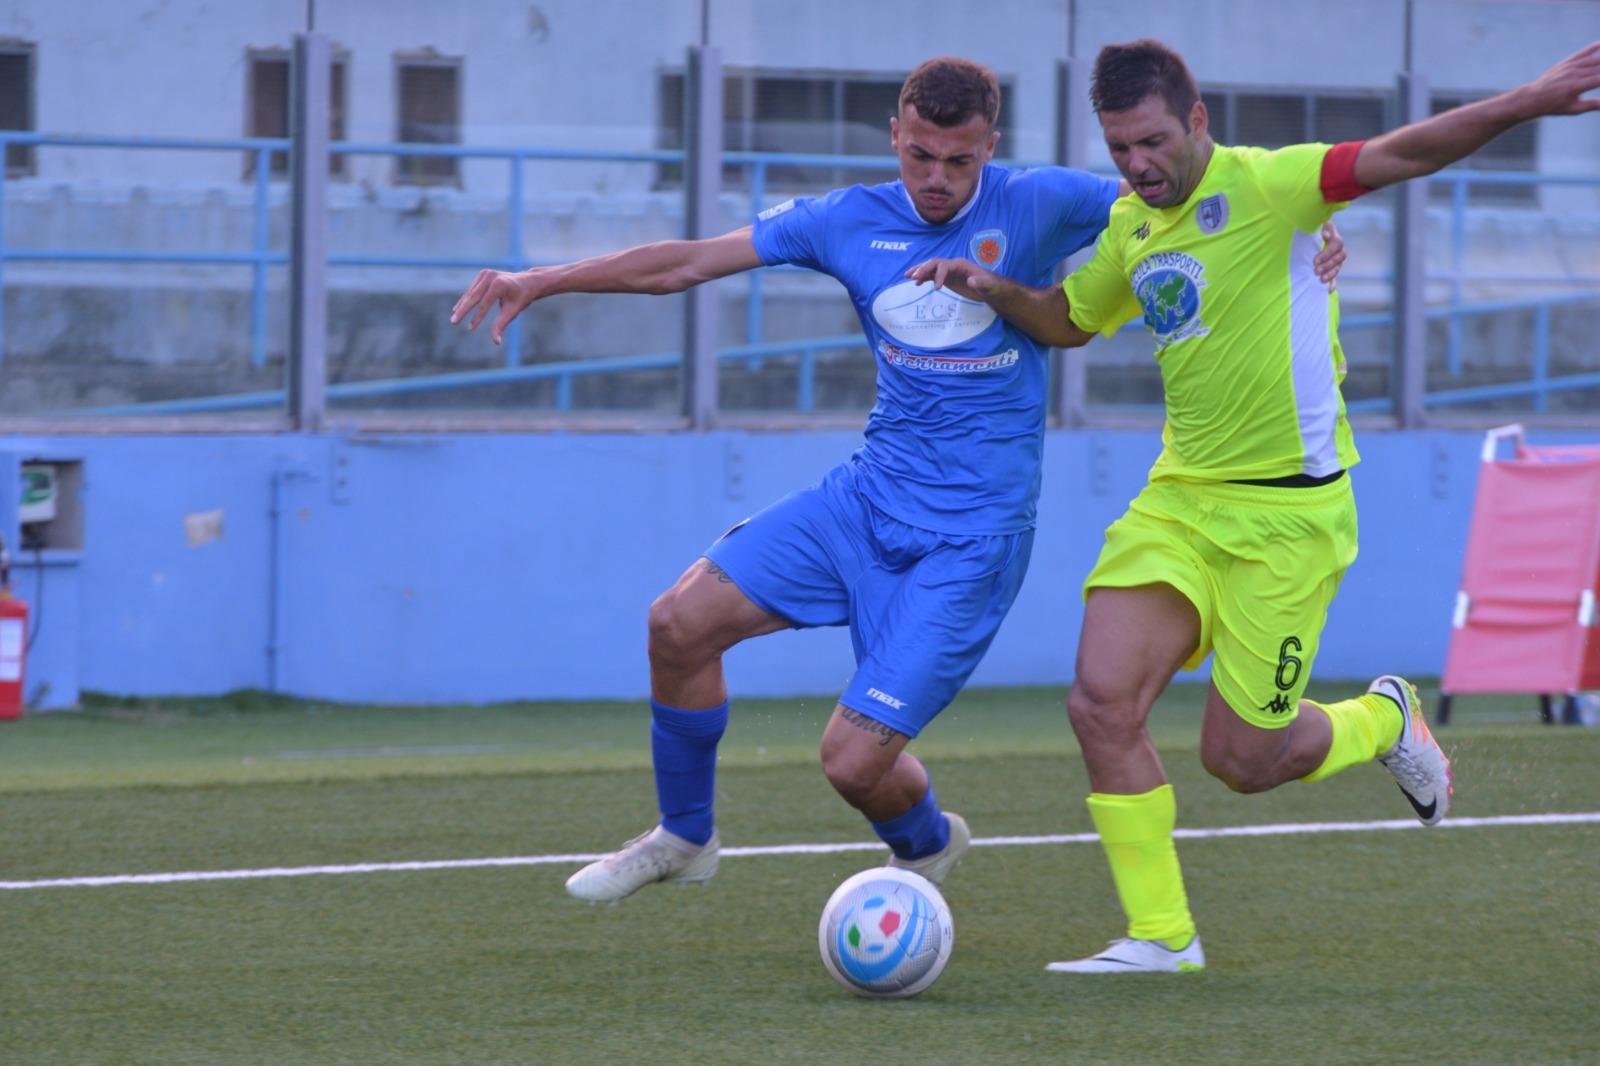 Il Siracusa colpisce a freddo la Leonzio e passa il turno di Coppa Italia -FOTOCRONACA